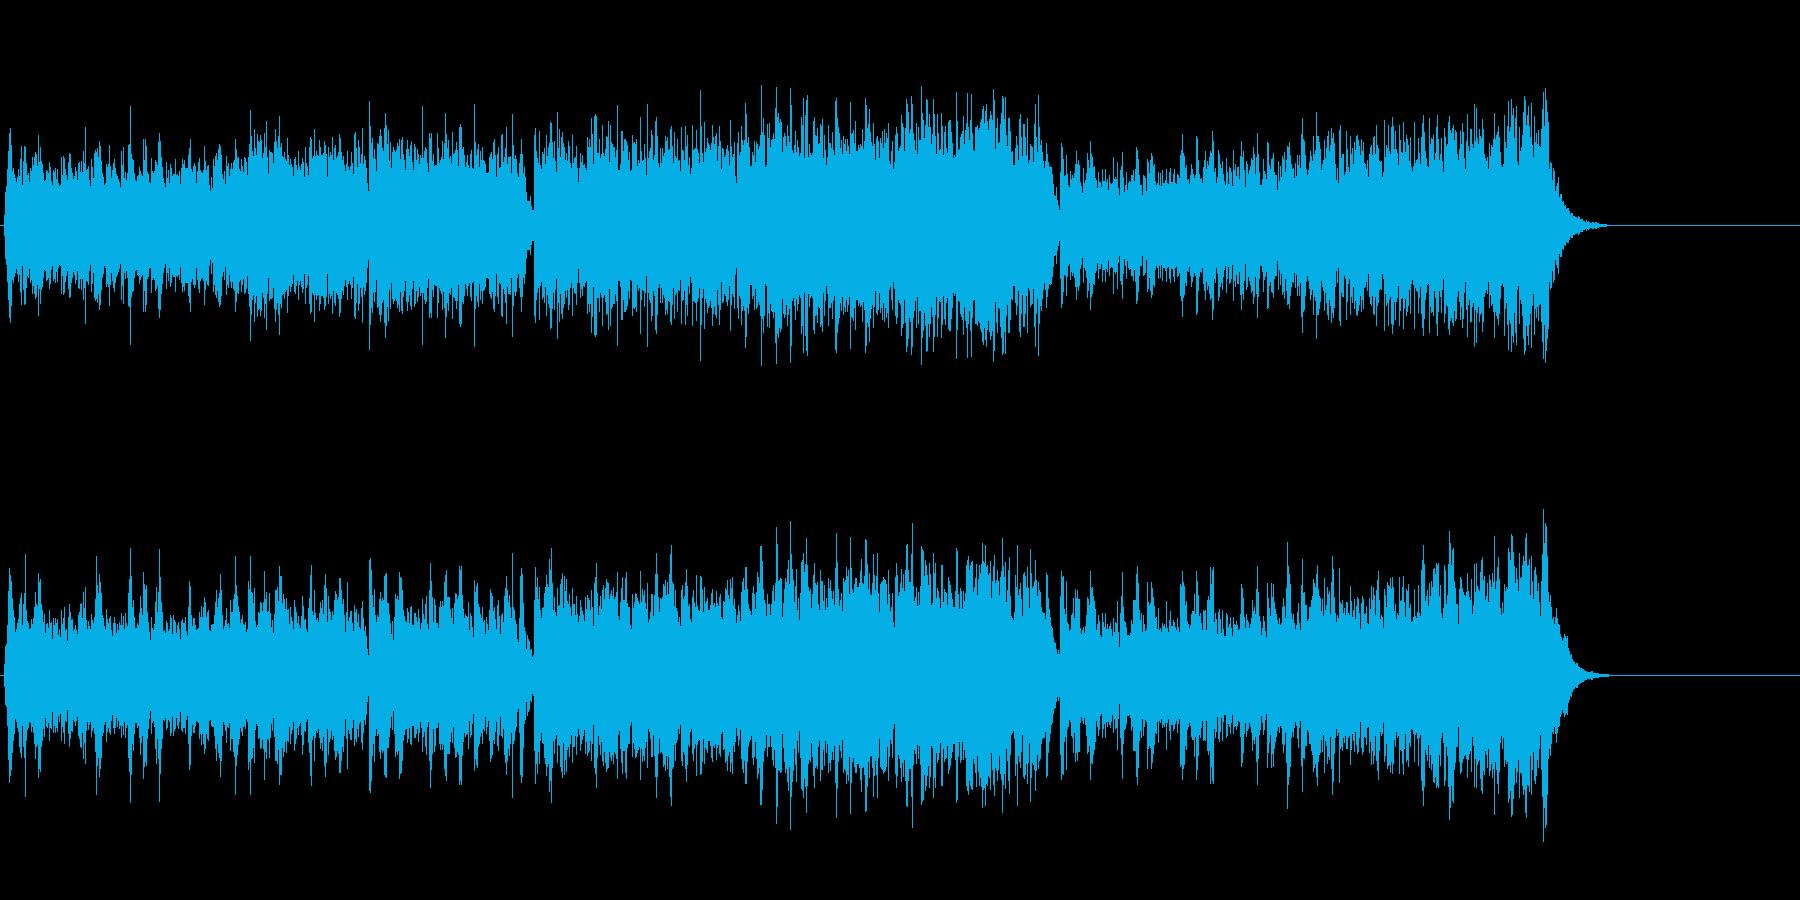 エスニックをブレンドしたサウンドの再生済みの波形